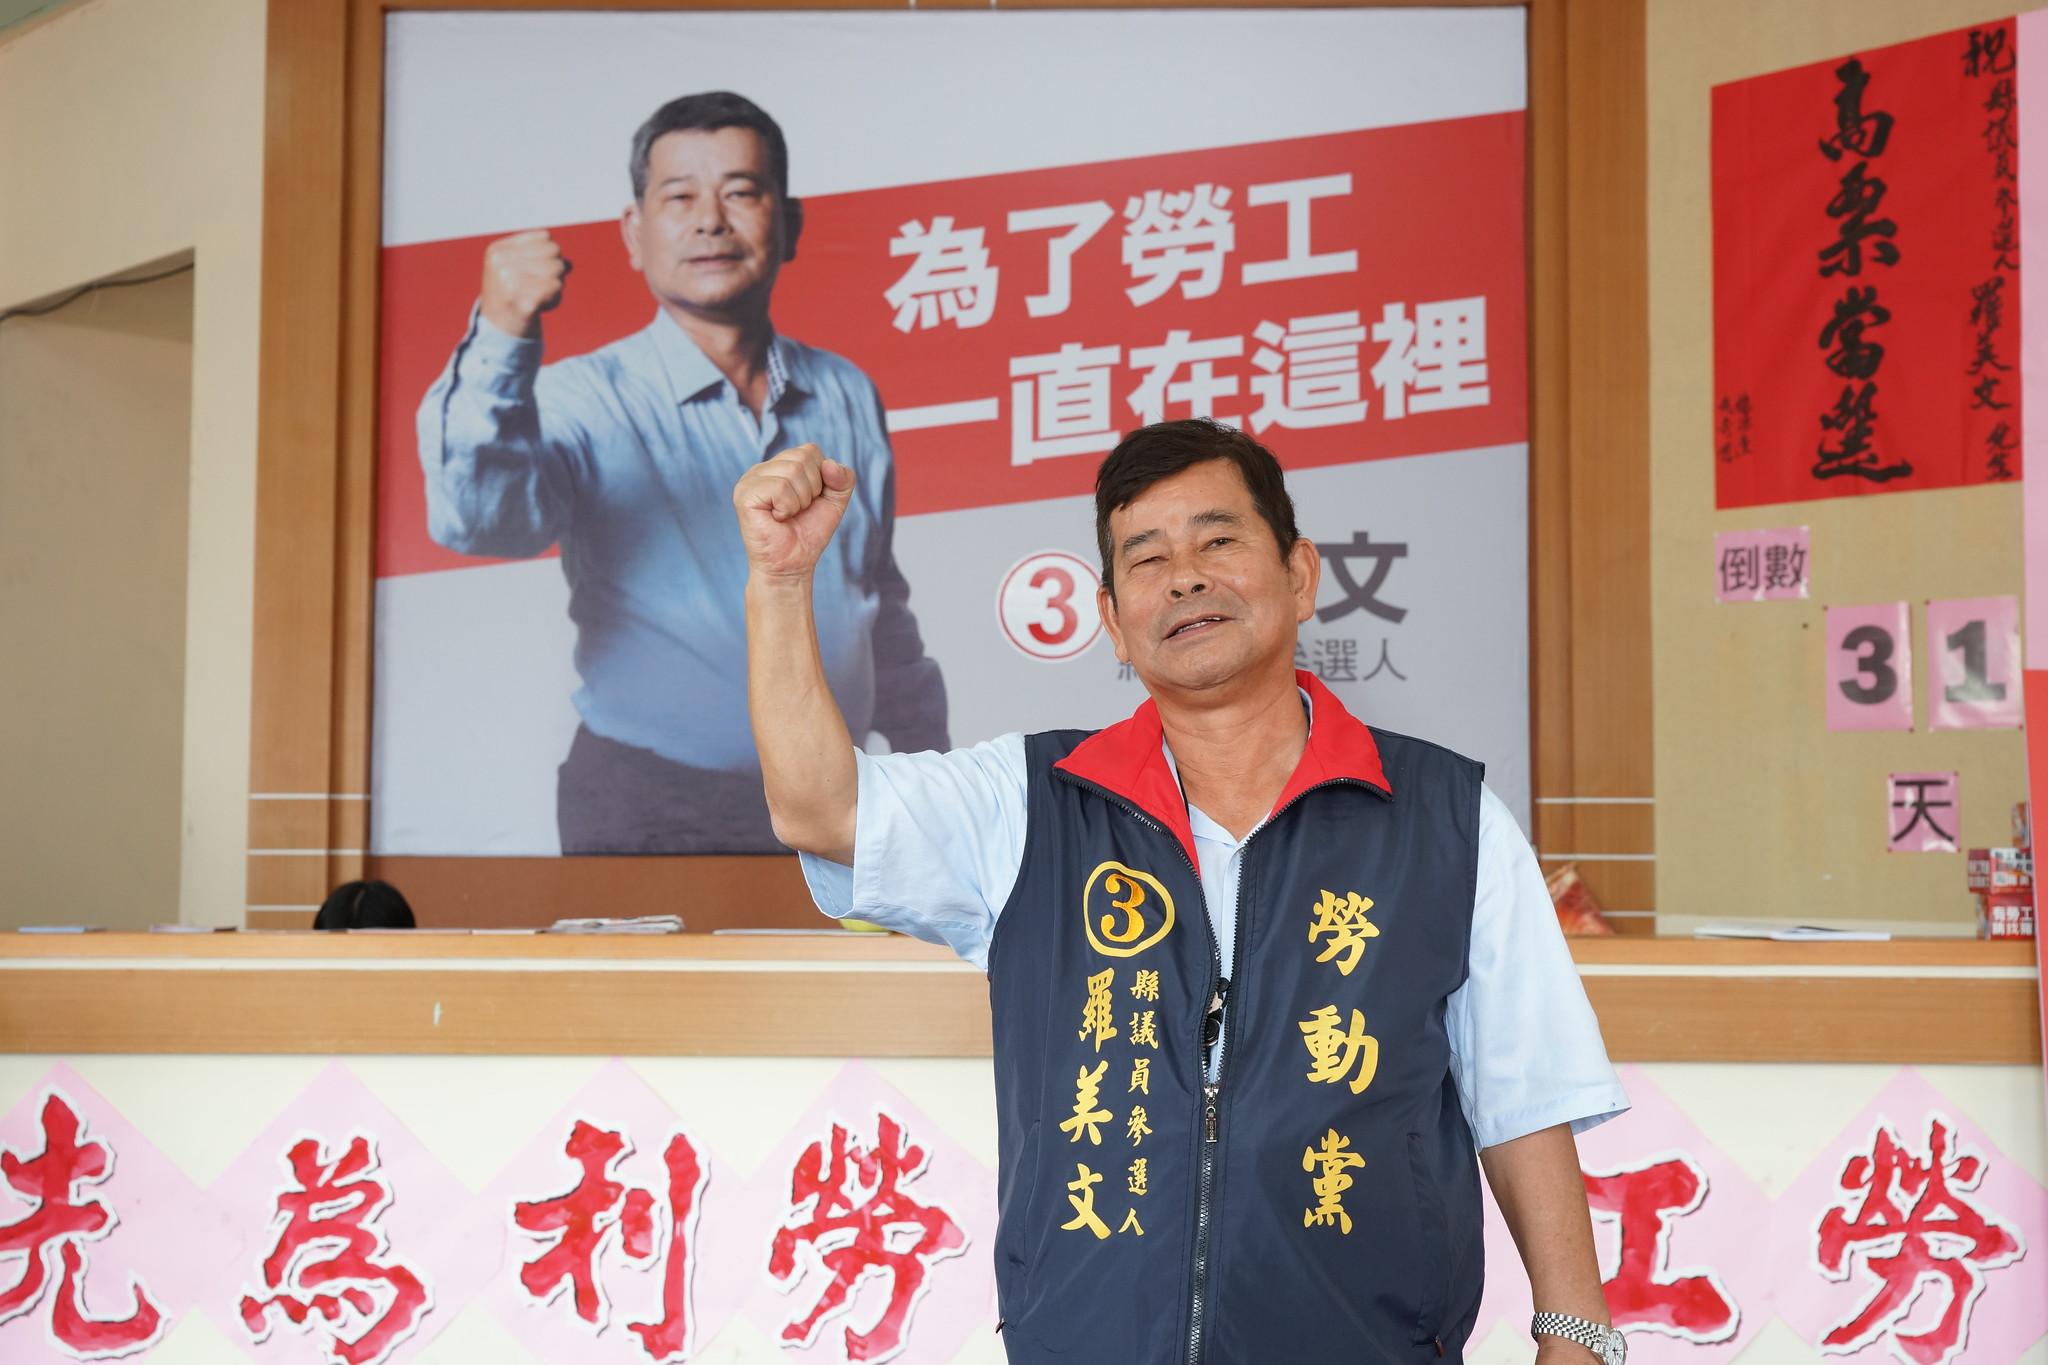 彩立方工运要角罗美文首次参选新竹县议员。(摄影:王颢中)